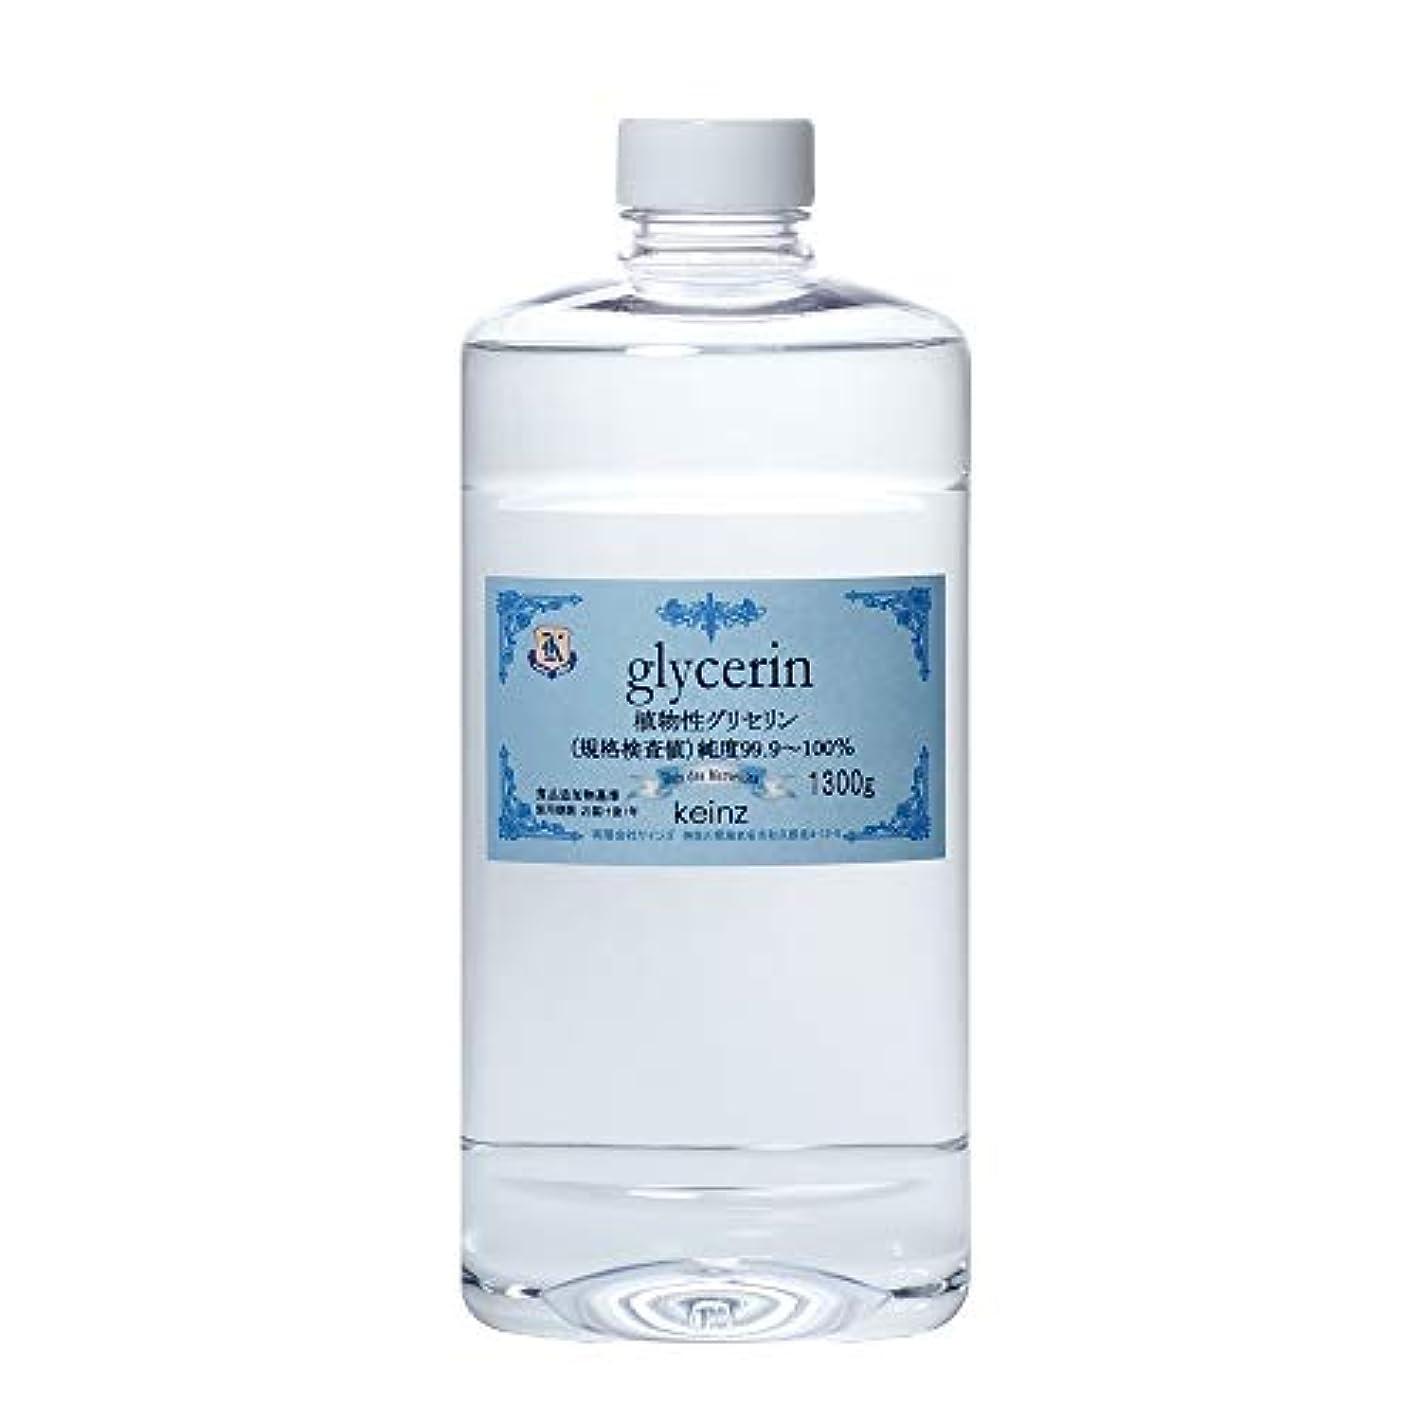 増幅する水っぽいグリーンバックkeinz 品質の良いグリセリン 植物性 1300g (1250g+50g増量) 容器が角型に変わりました 純度99.9~100%(検査値) 化粧品材料 keinz正規品 食品添加物基準につき化粧品グレードより純度が高い...